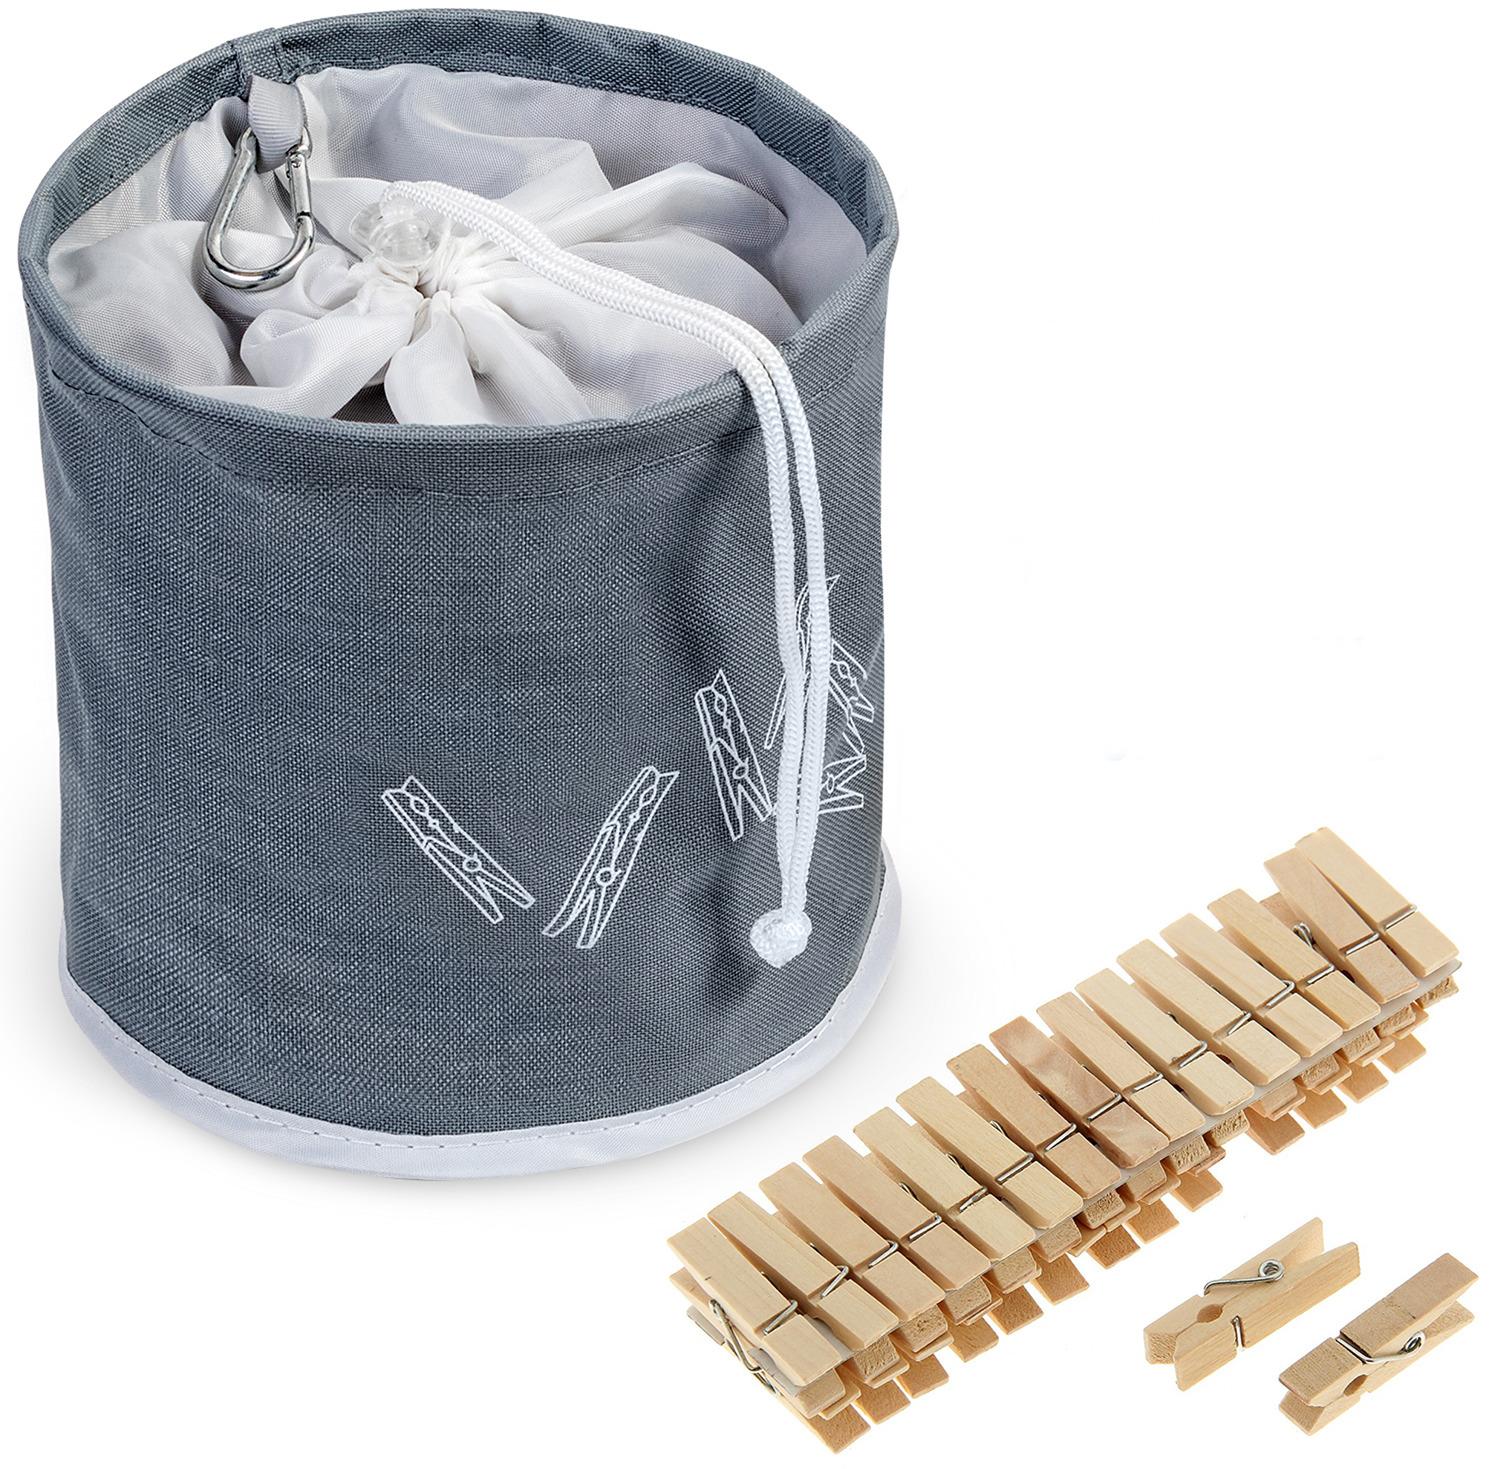 Набор прищепок Tatkraft Peggy, в сумке, 20 шт набор зажимов прищепок 10 шт